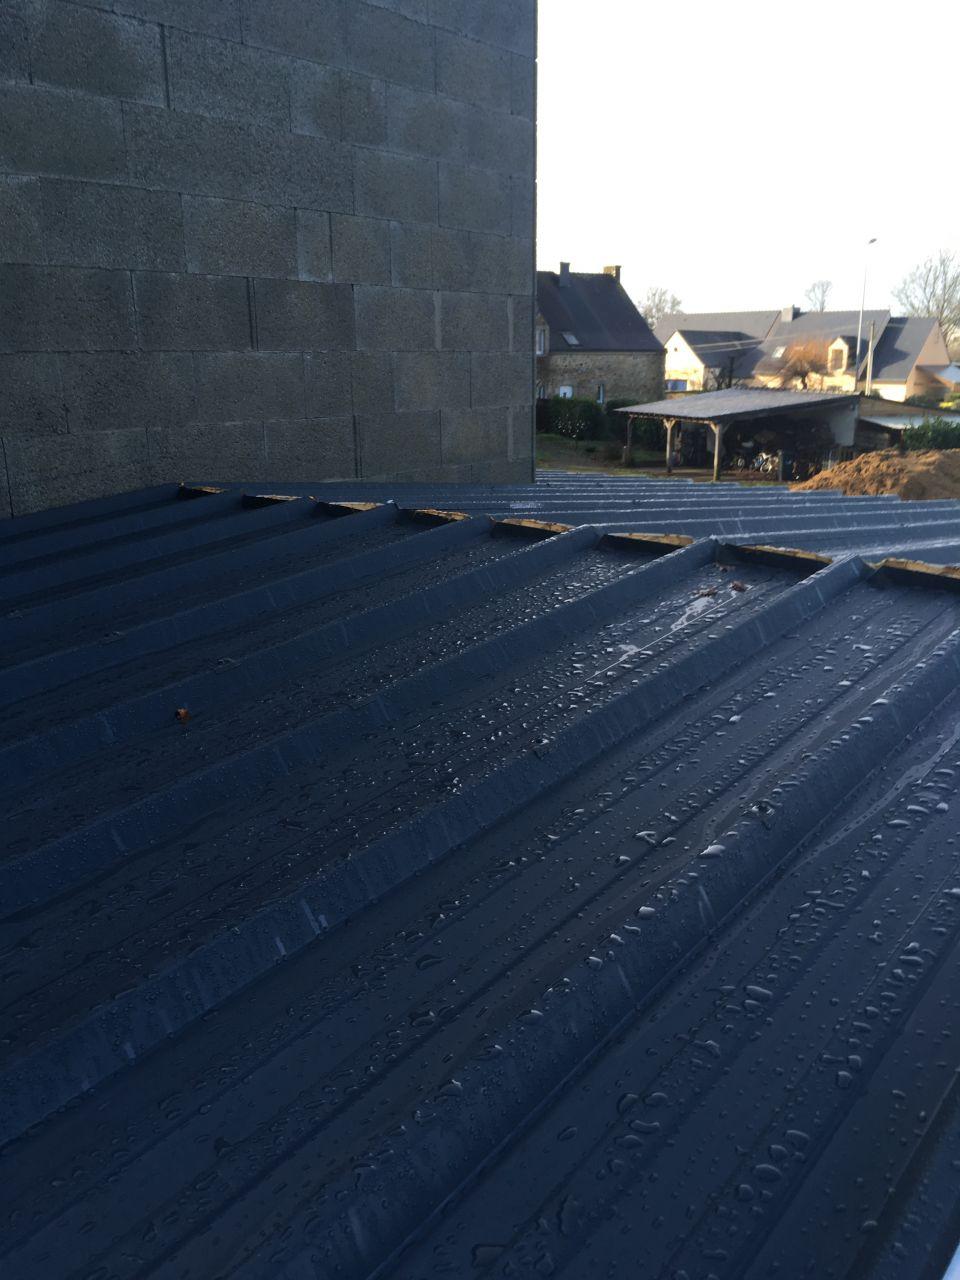 Bac acier en 40 mm vu du toit et au faitage pas de soucis mais en dessous ce n'est pas le même résultat